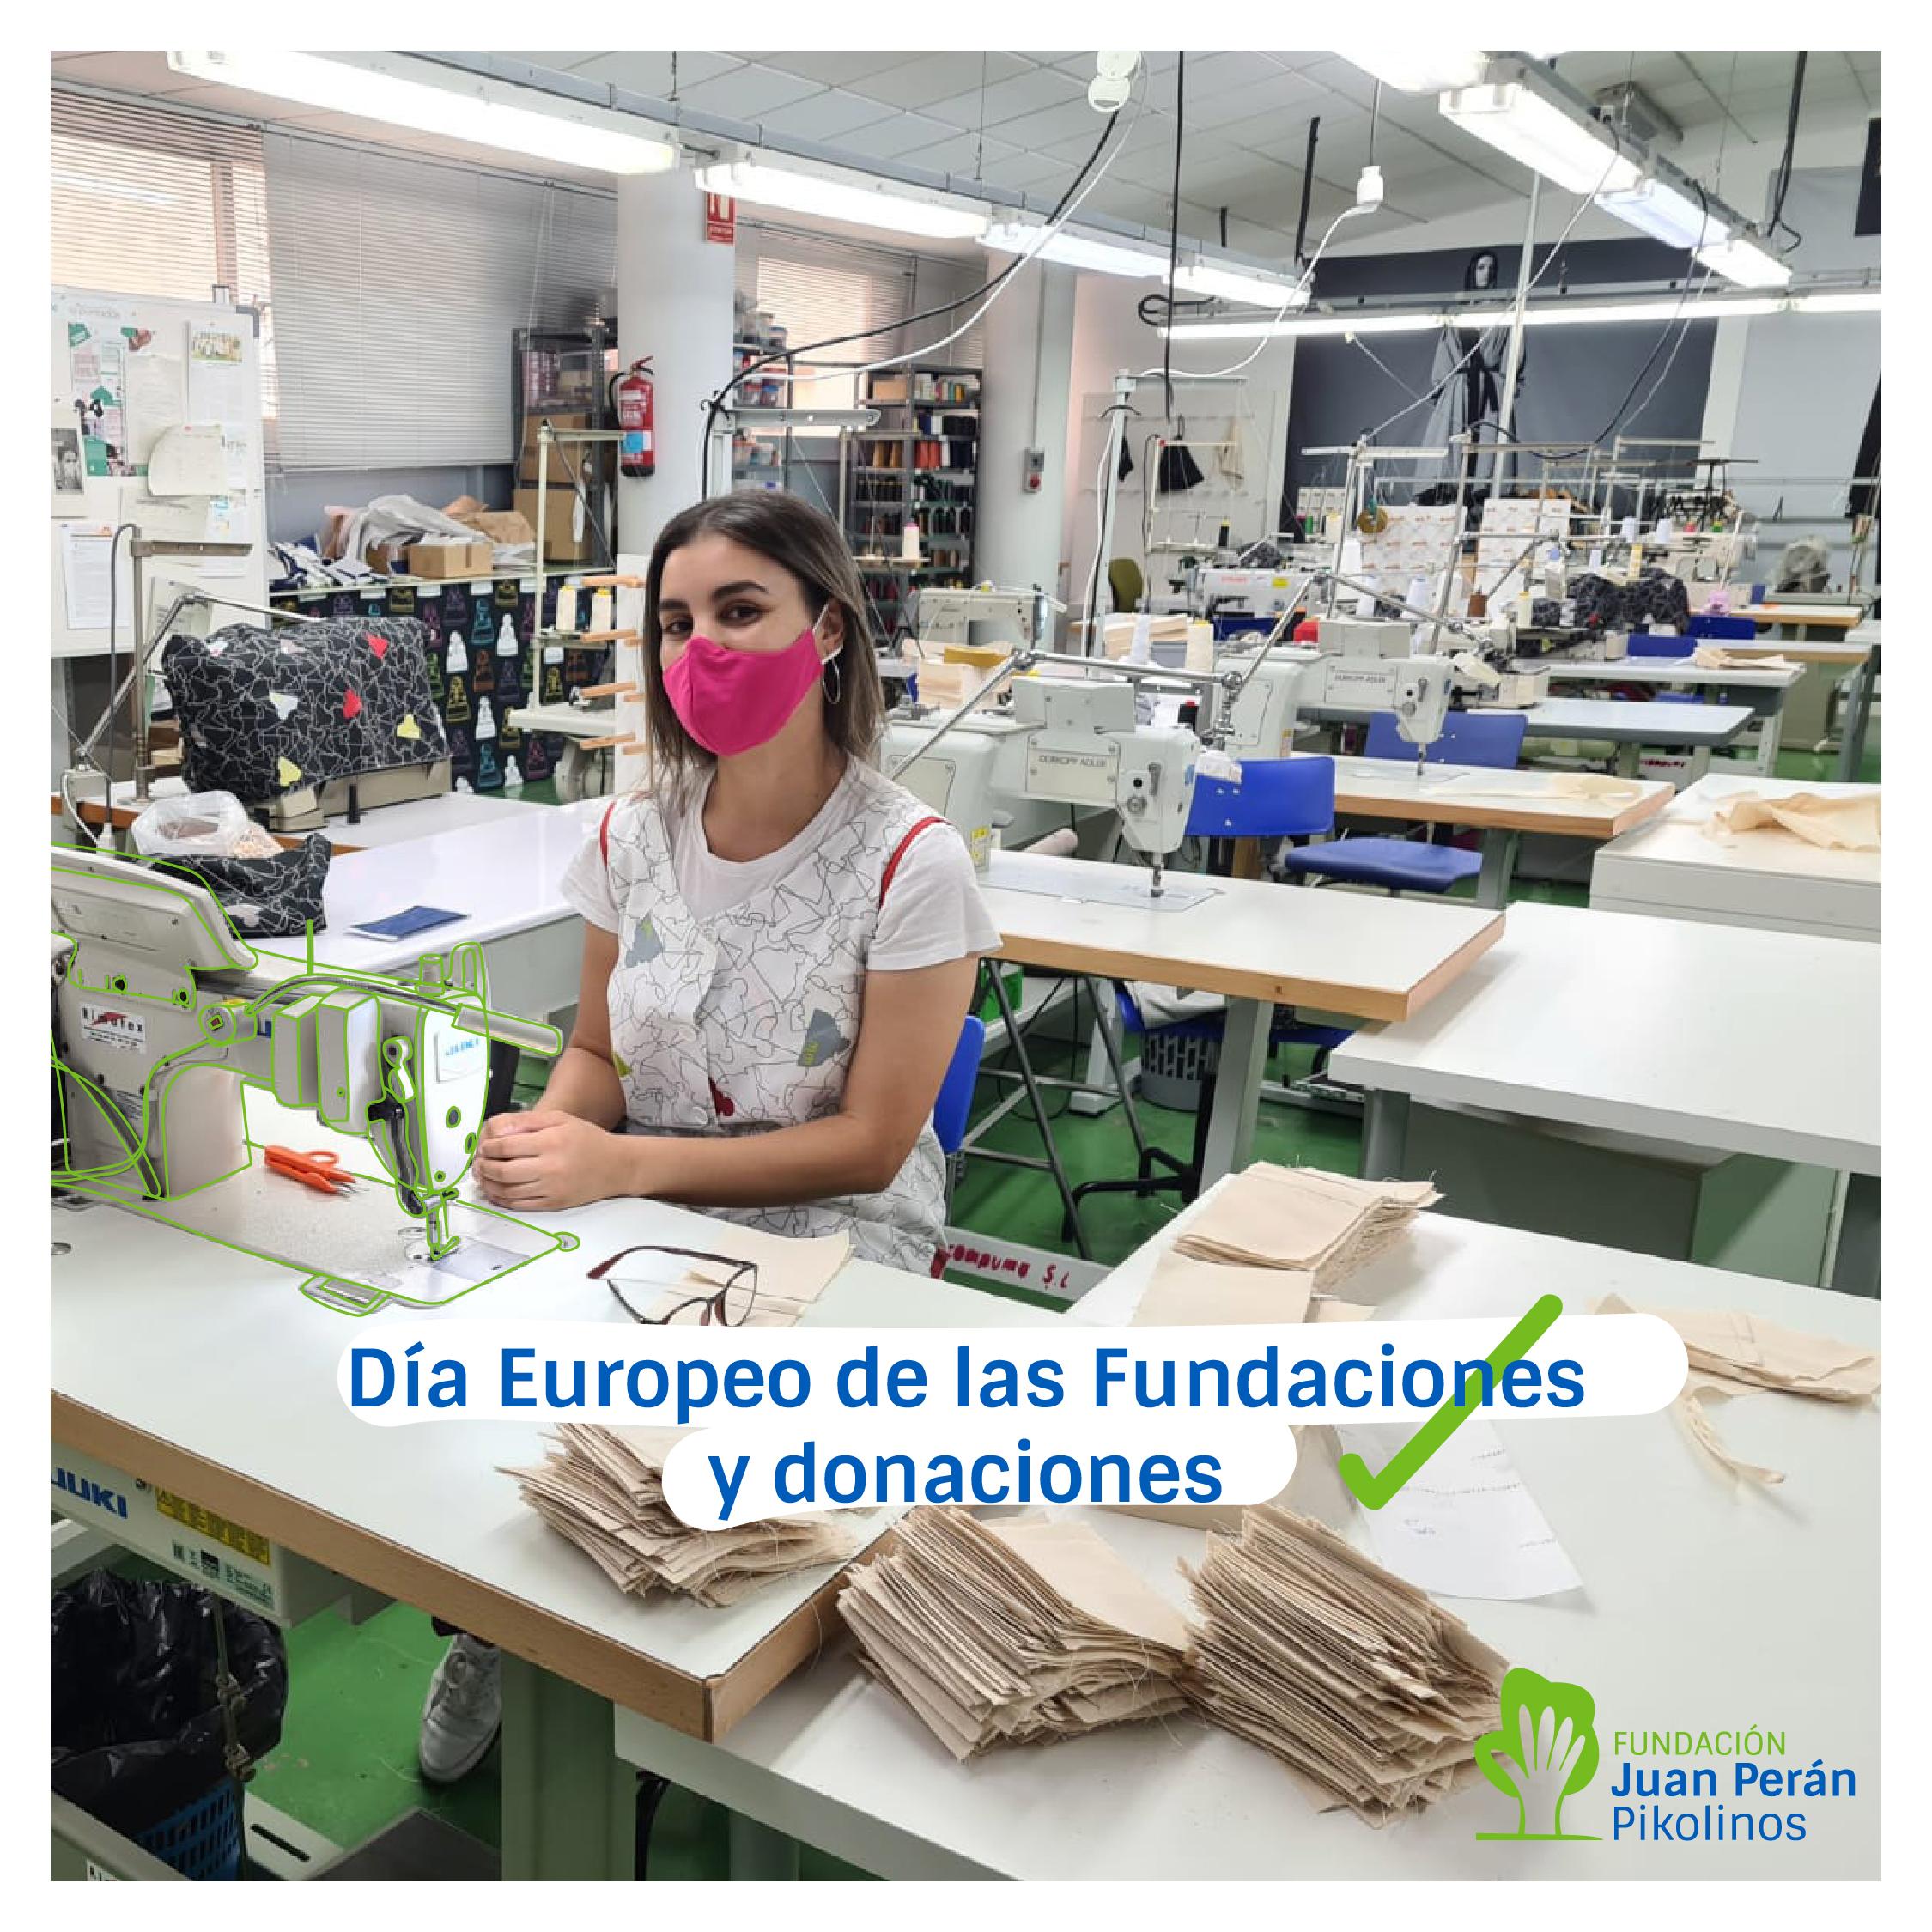 fundacion_rrss_diaeuropeodelasfundaciones__Mesa de trabajo 1